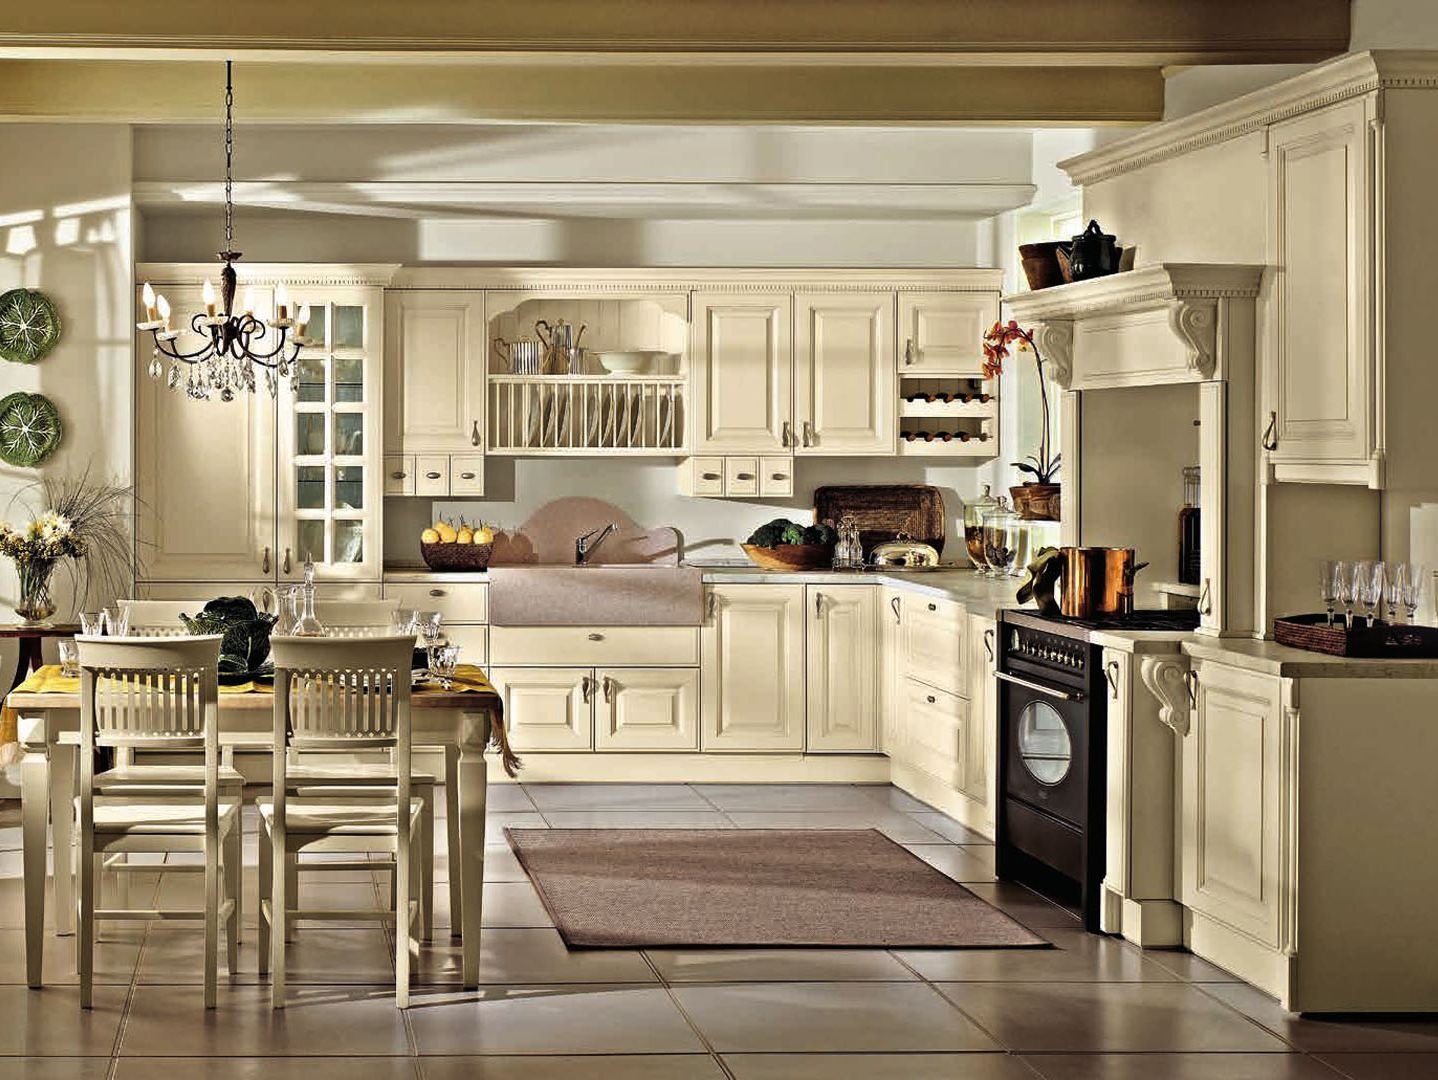 Cucina componibile laccata in legno con maniglie - Maniglie cucina ...